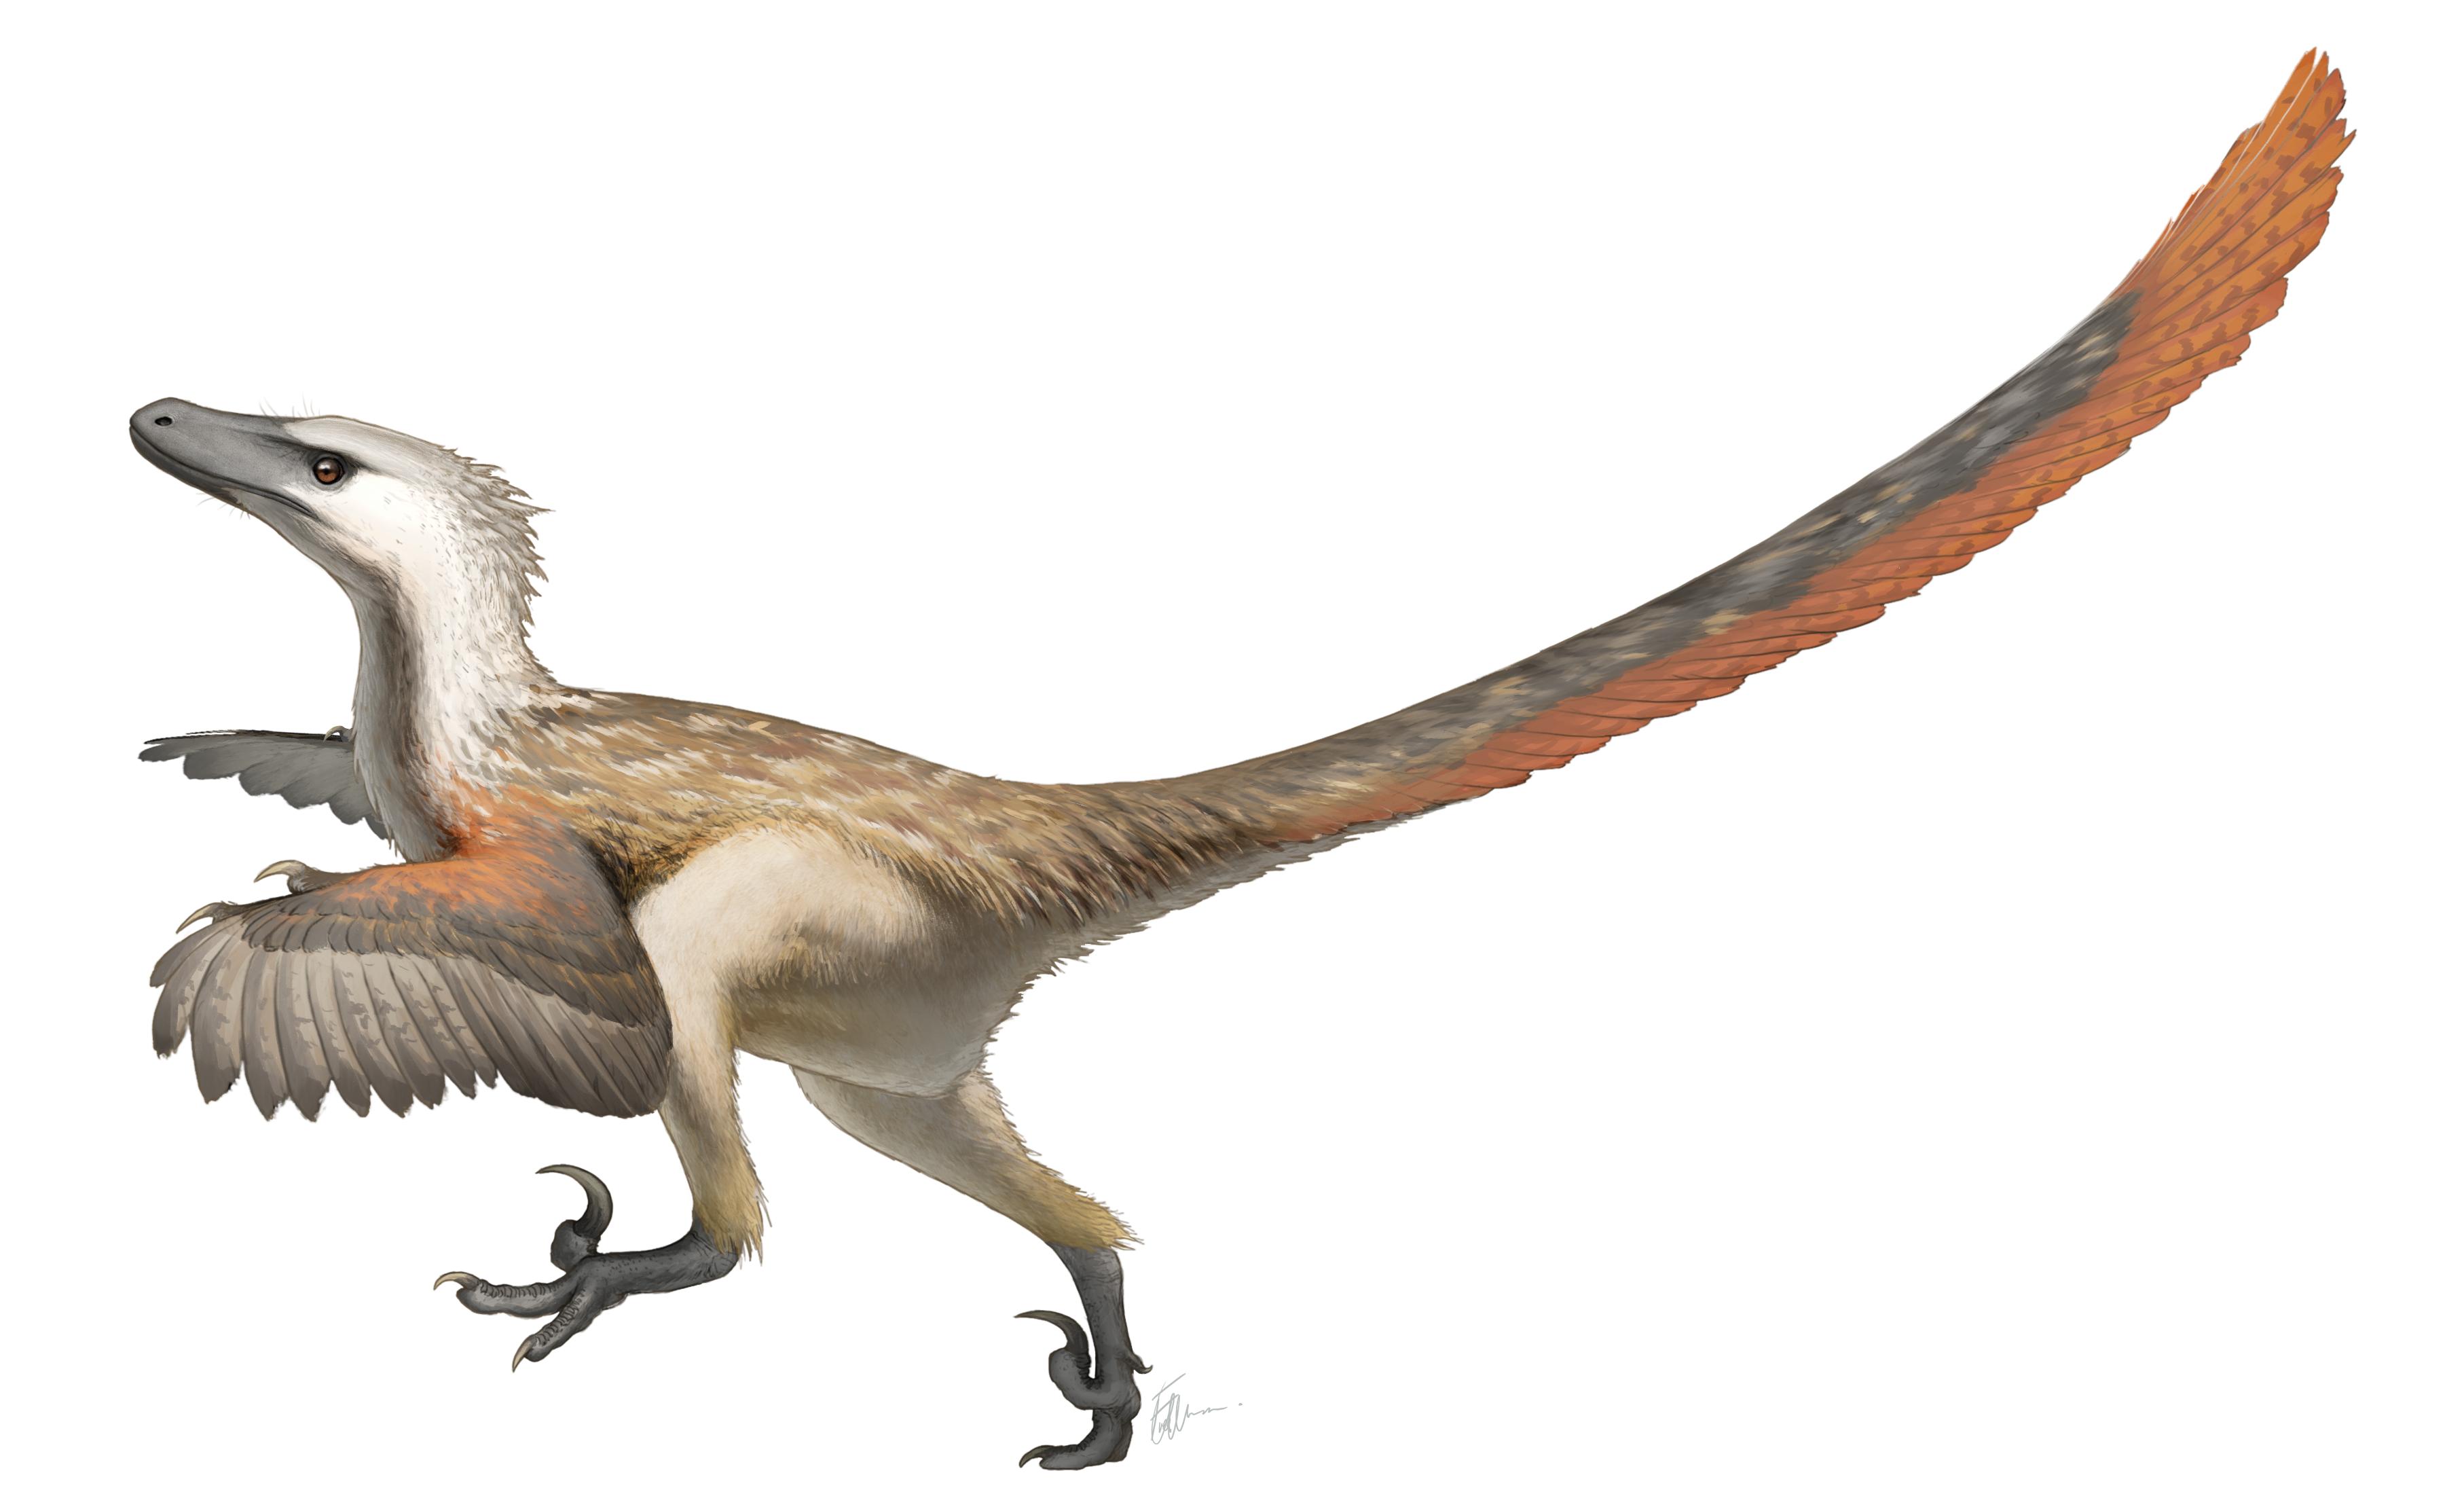 Dinosaurio-raptor-plumas-cuerpo